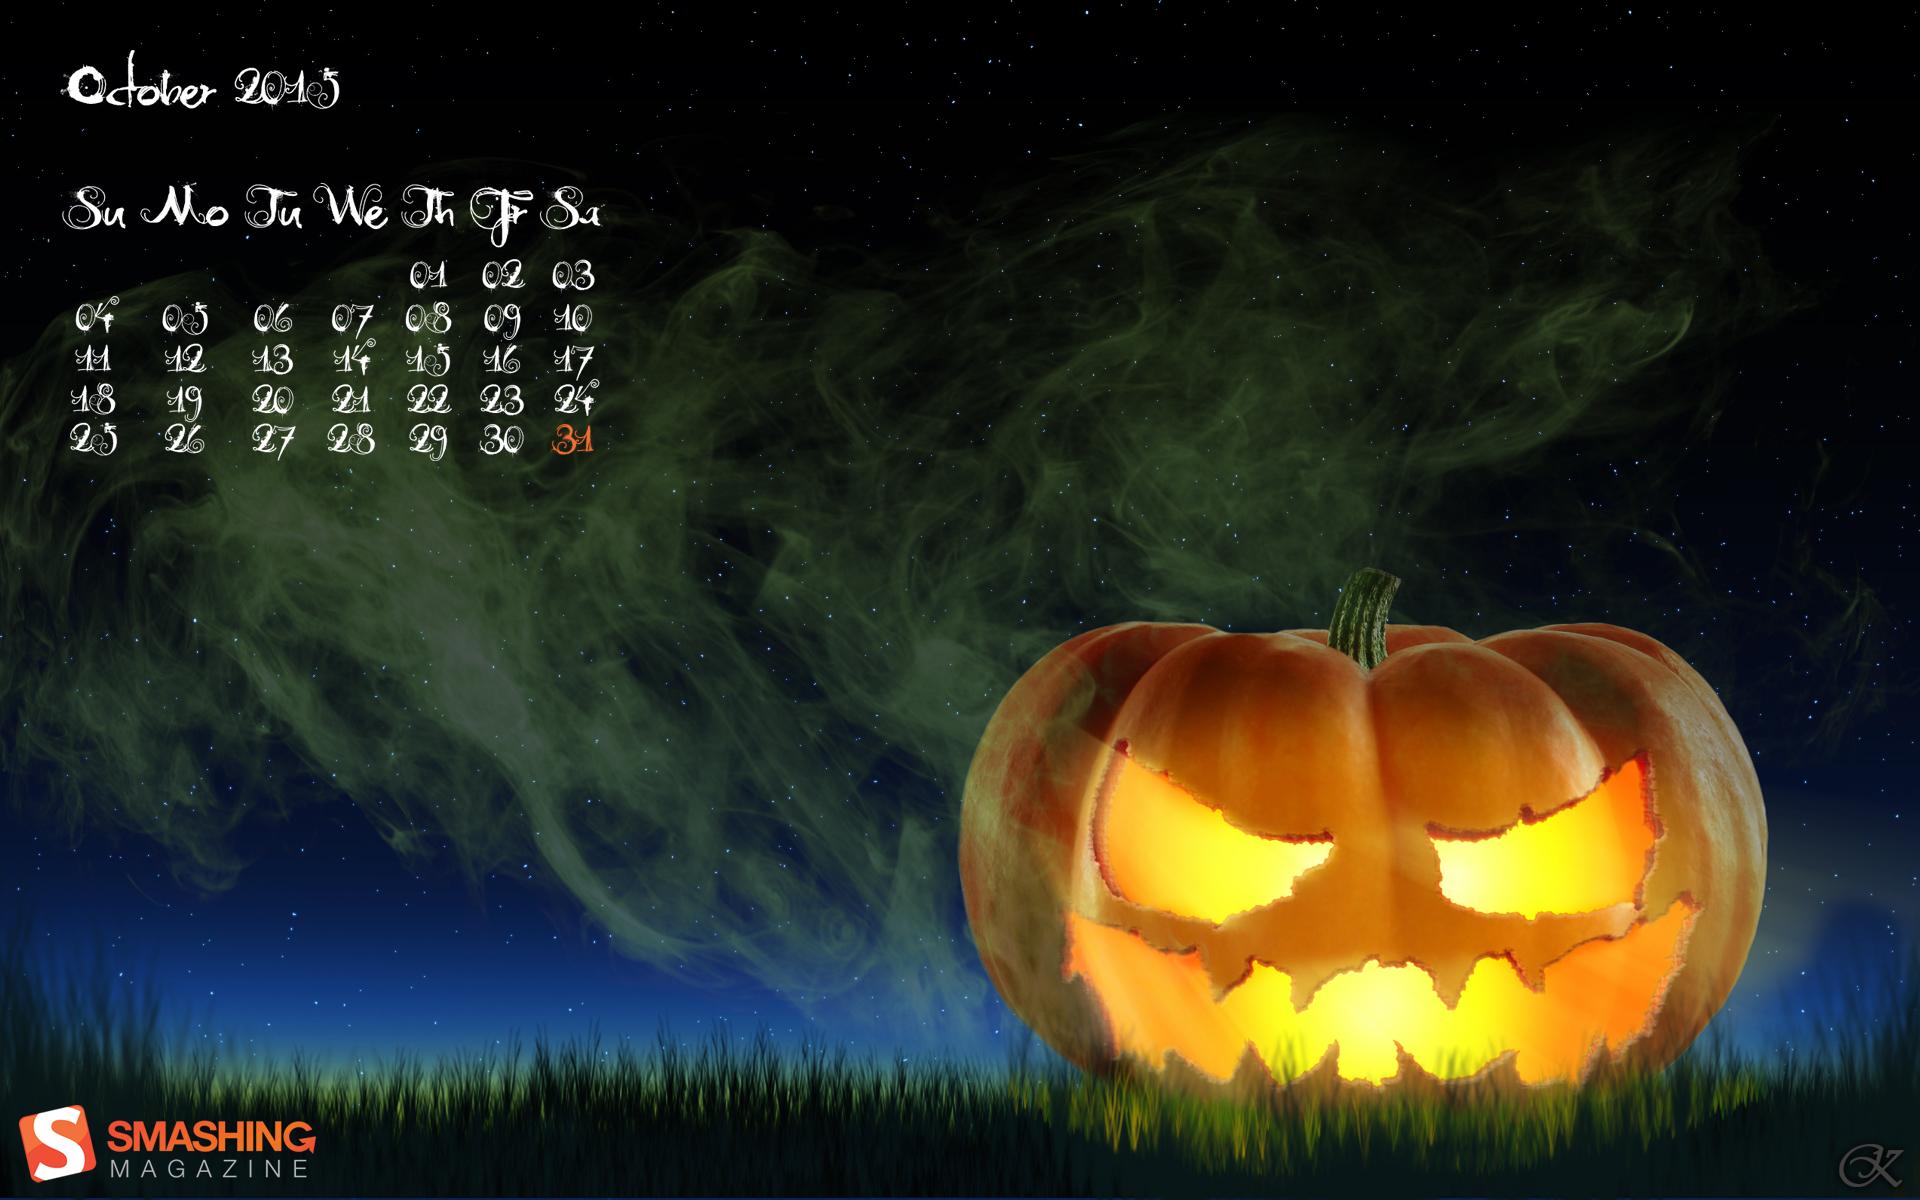 October Halloween Wallpapers Free Download